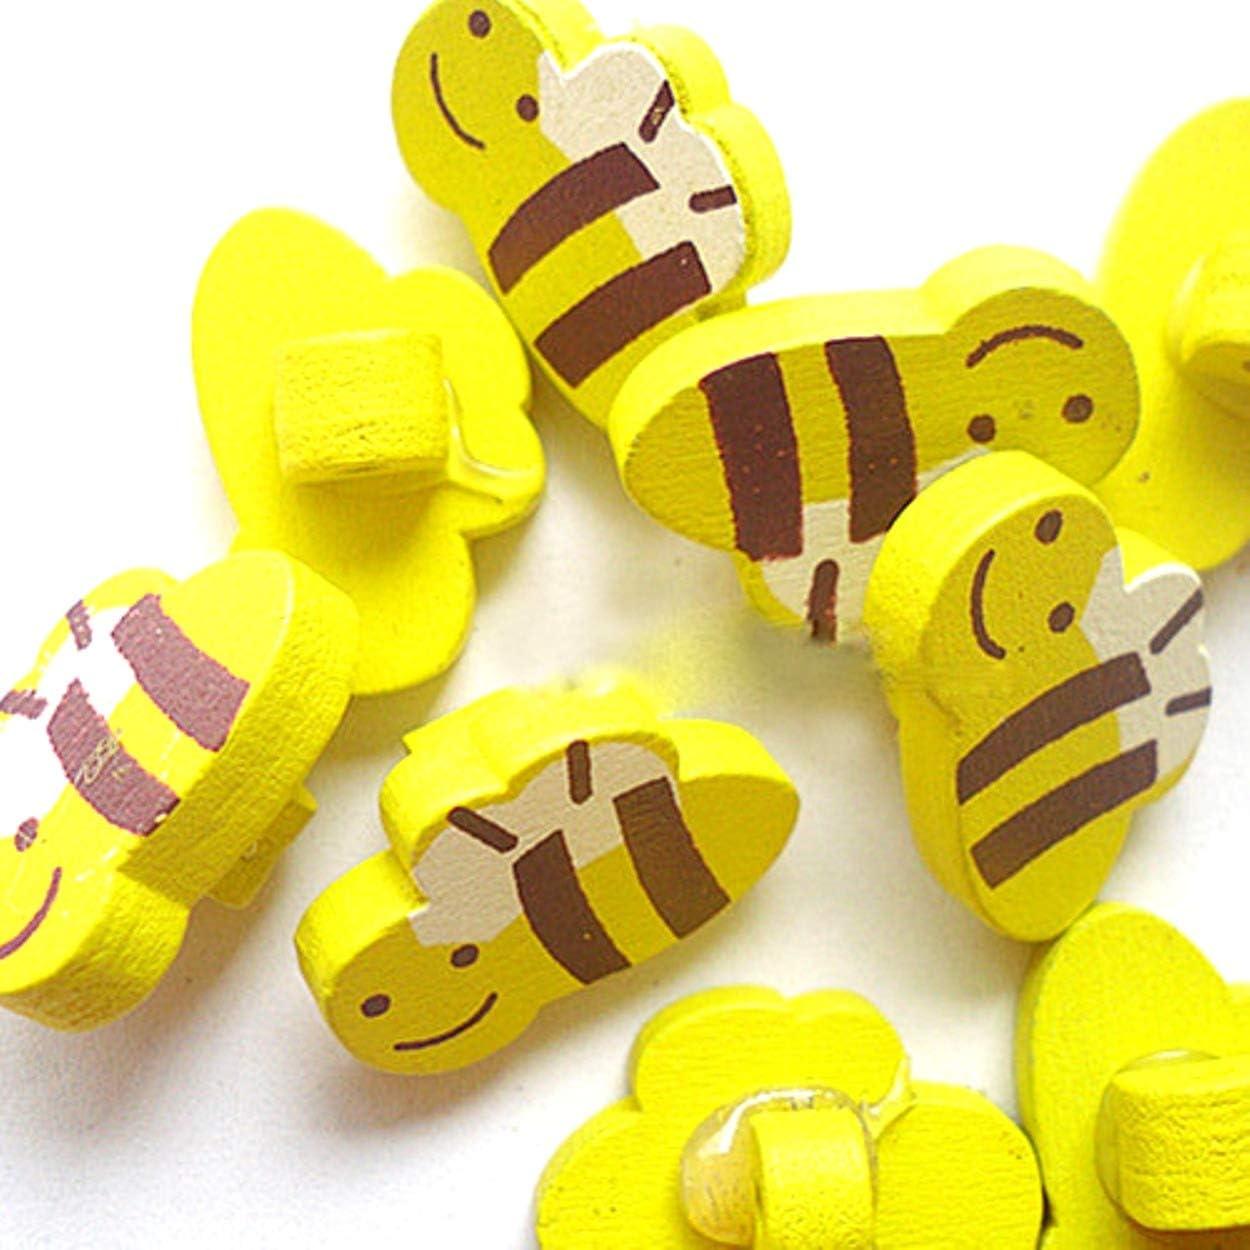 para Manualidades 50 Unidades 20 x 13 mm DIY Express Botones de Madera con Abejas Amarillas y Marrones